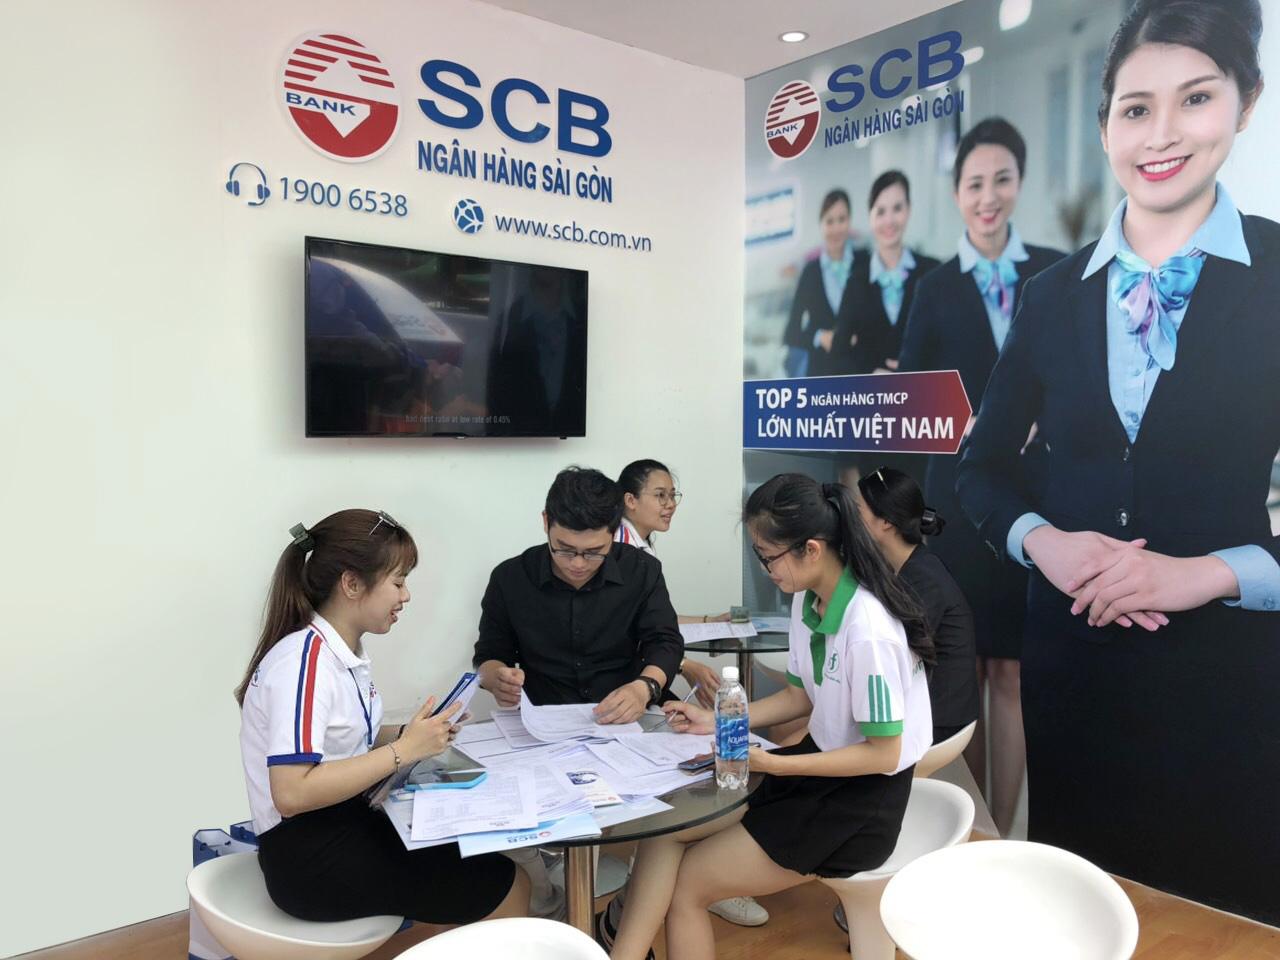 CBNV SCB tư vấn các sản phẩm và chương trình ưu đãi tại gian hàng